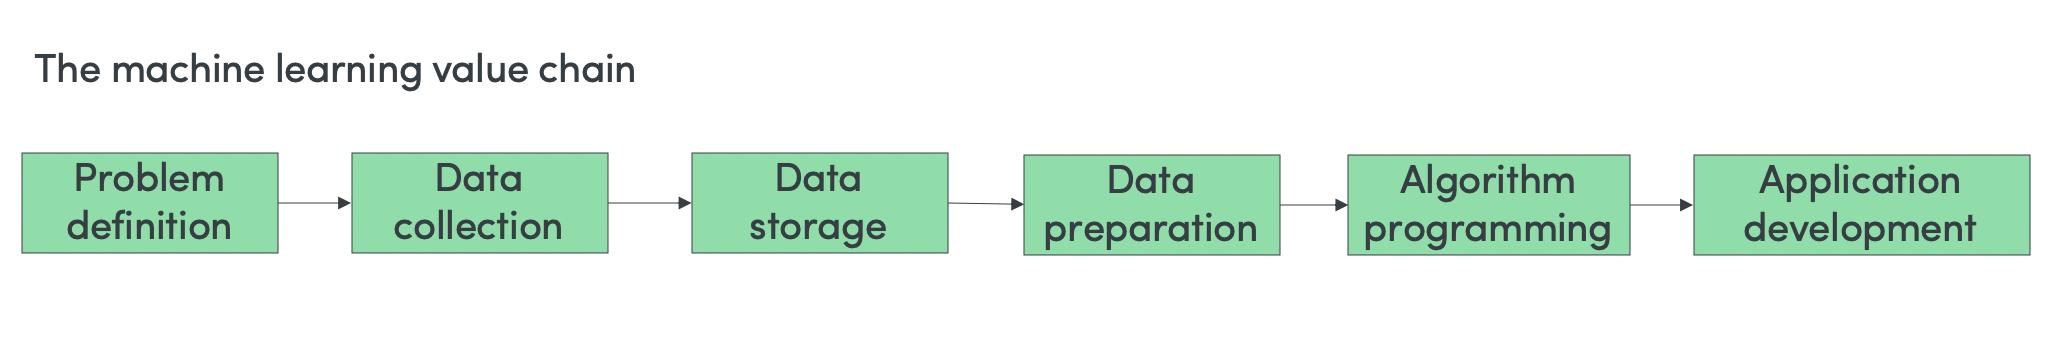 ML value chain